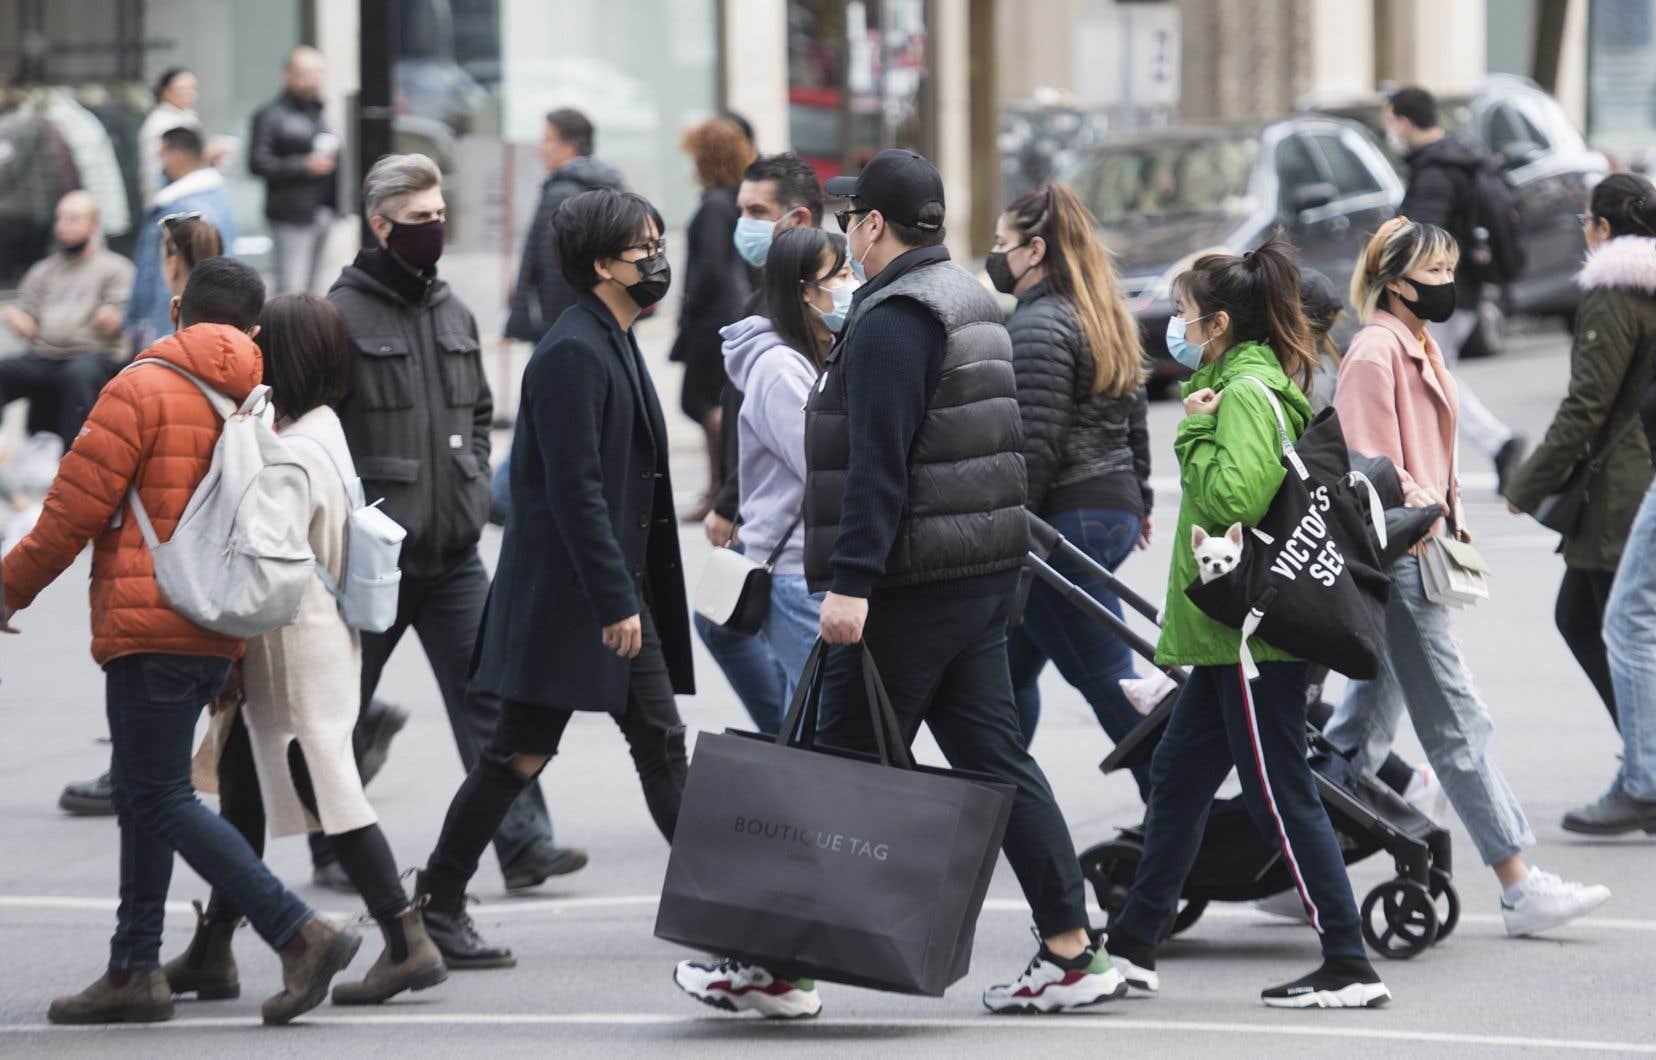 «En période de crise, les personnes immigrantes perdent davantage leur emploi que les personnes nées au Canada», écrit l'auteur.